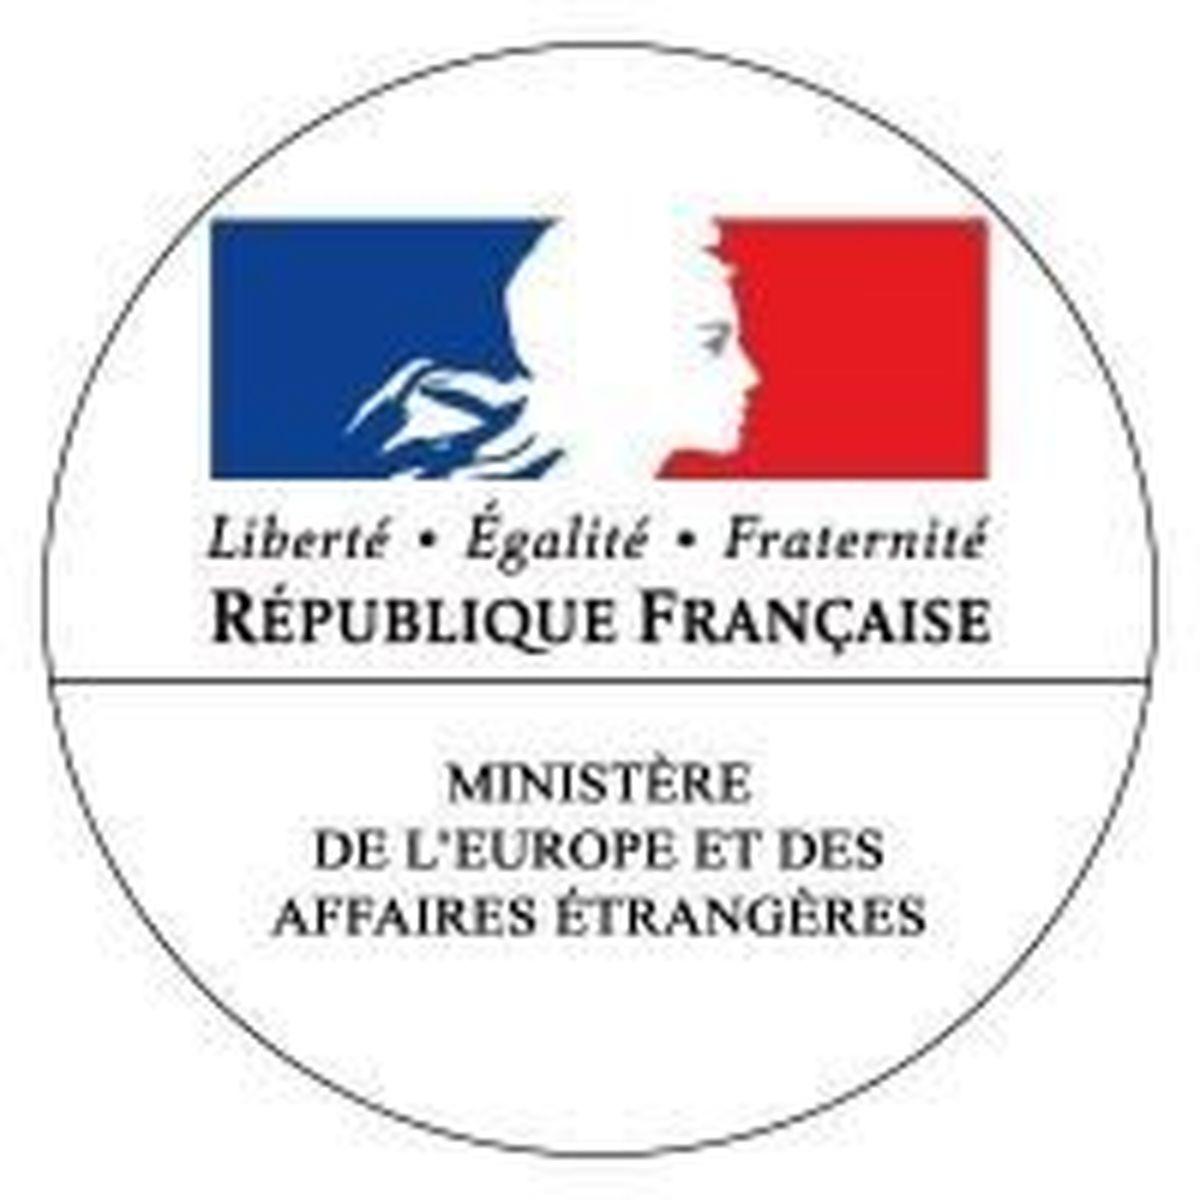 اتهام زنی جدید فرانسه به ایران